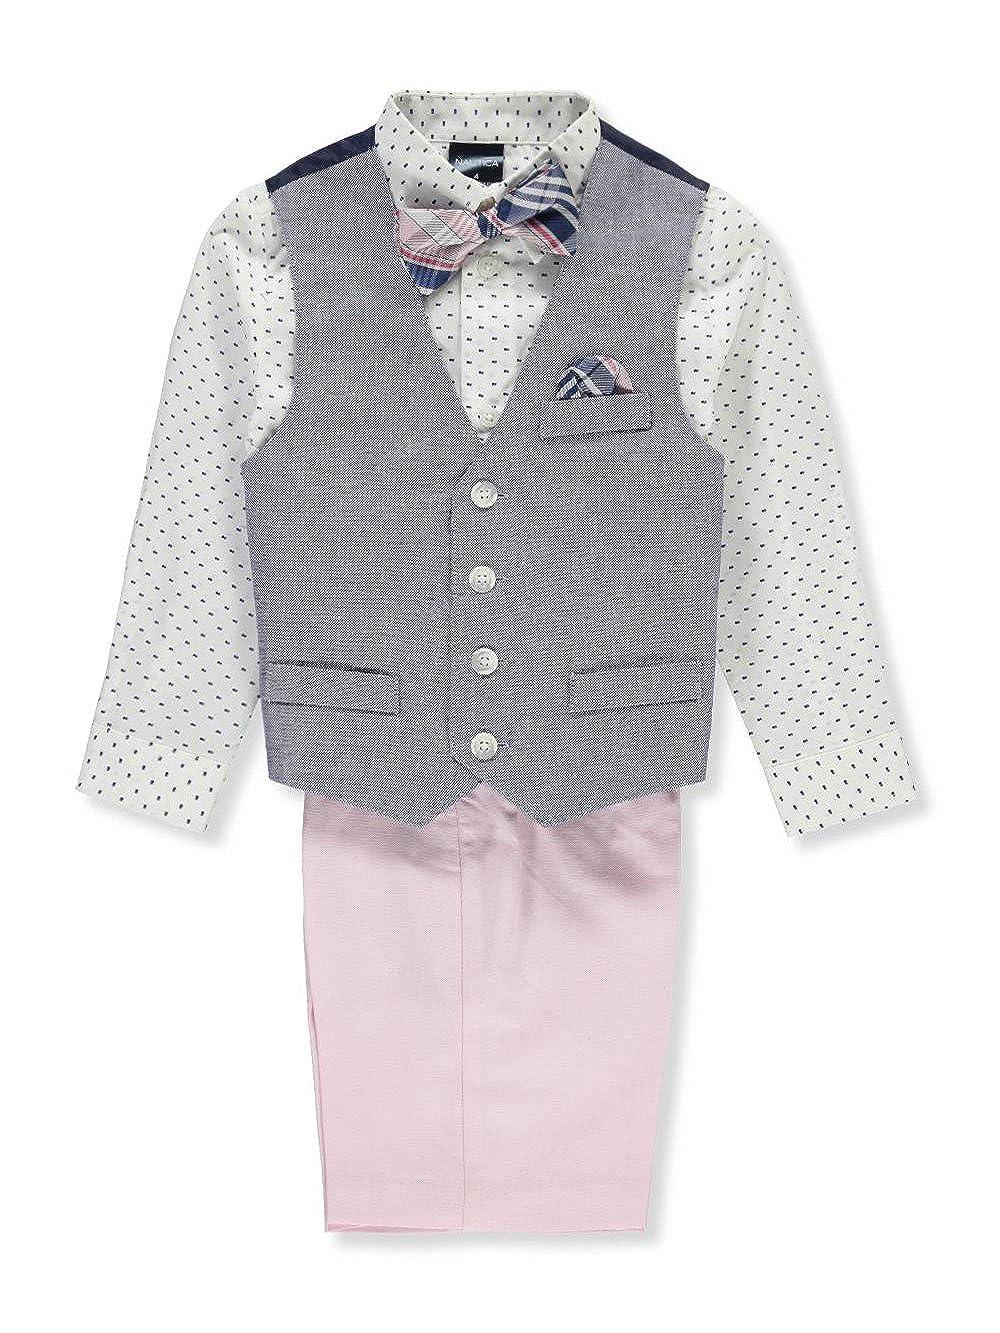 Nautica Boy's 4-Piece Formal Dresswear Vest Set with Bow Tie Nautica Dresswear Children' s Apparel